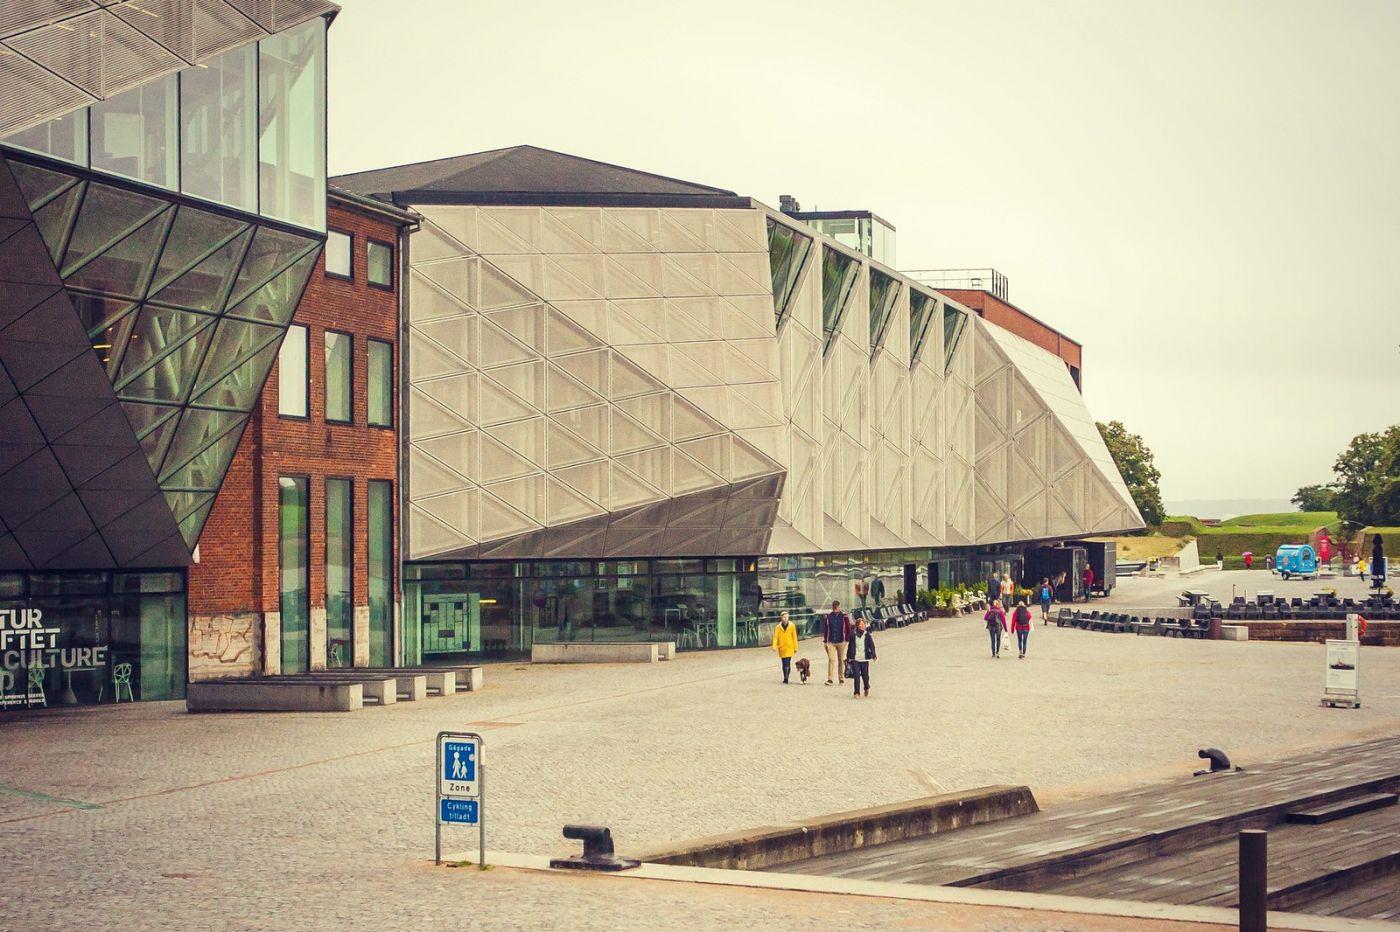 丹麦哥本哈根,新旧融合的城市_图1-14